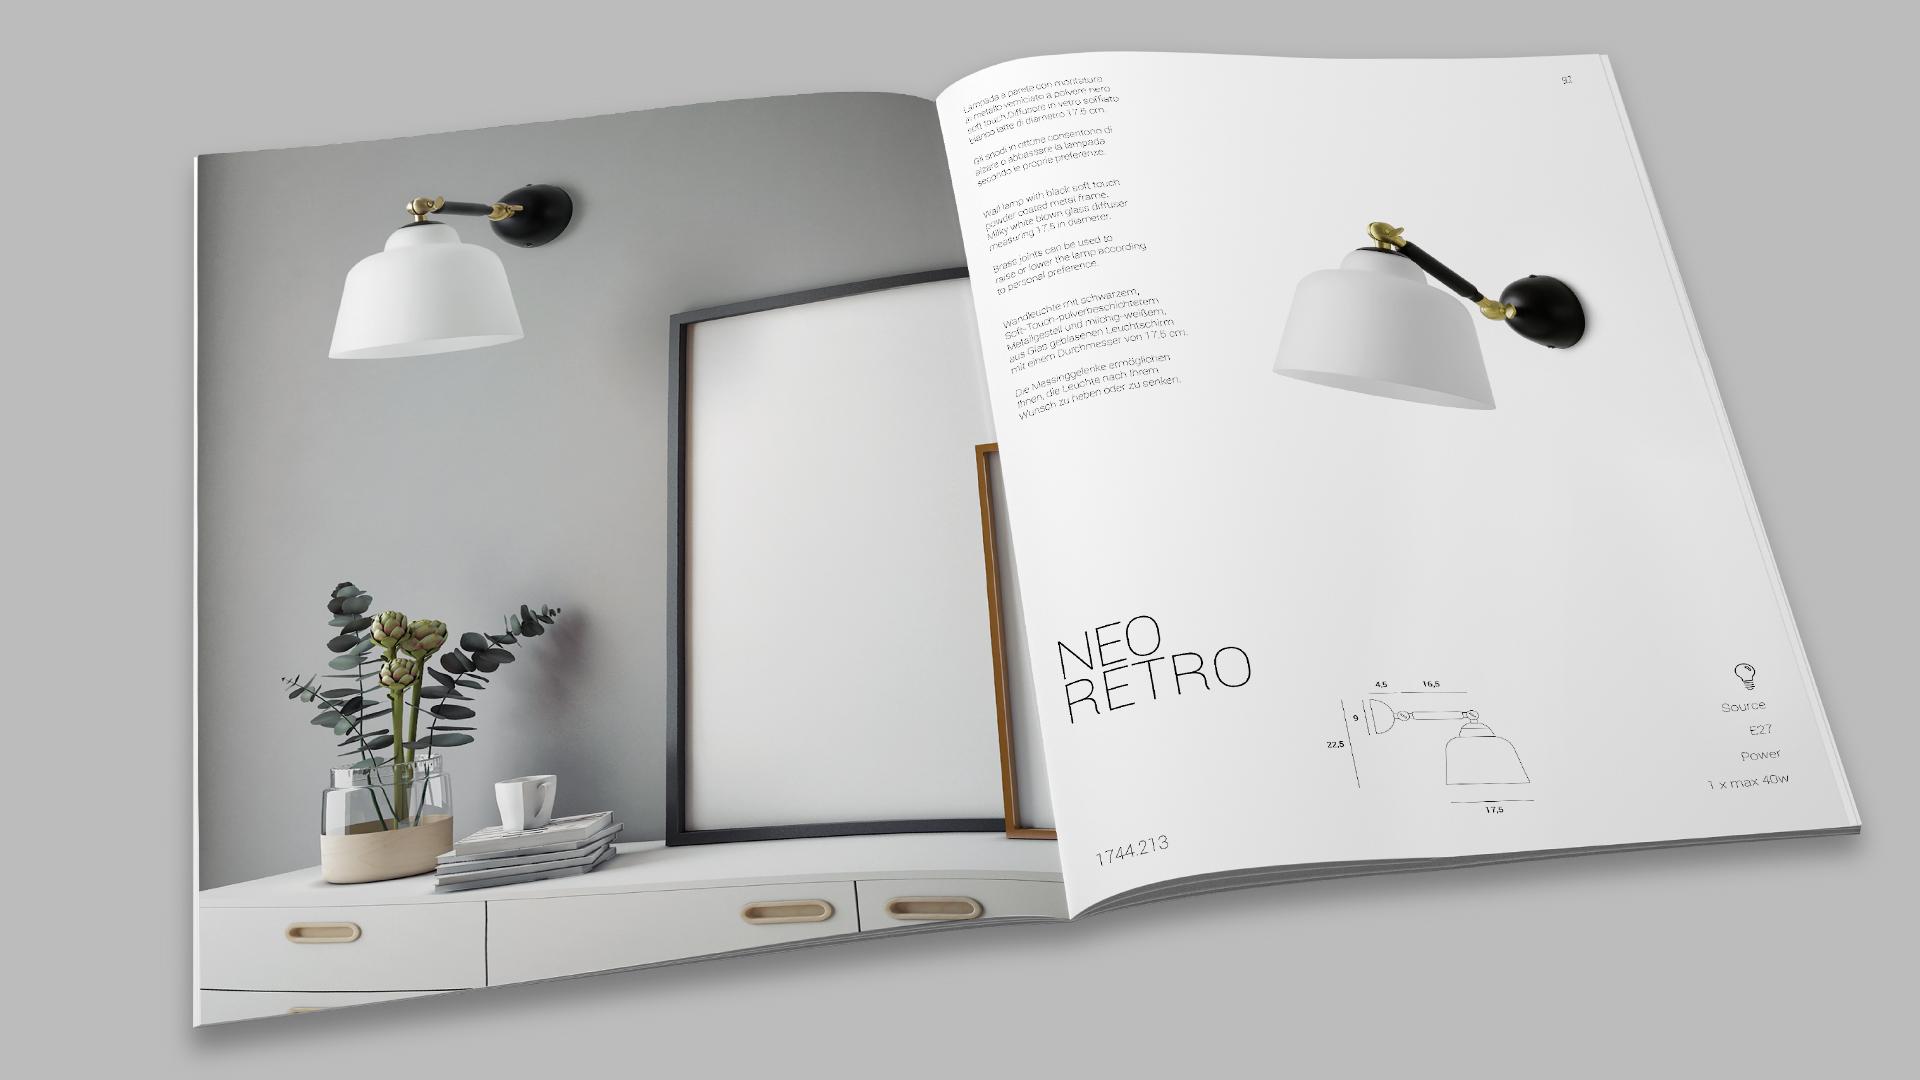 miloox_Catalouge_interior_NeoRetro